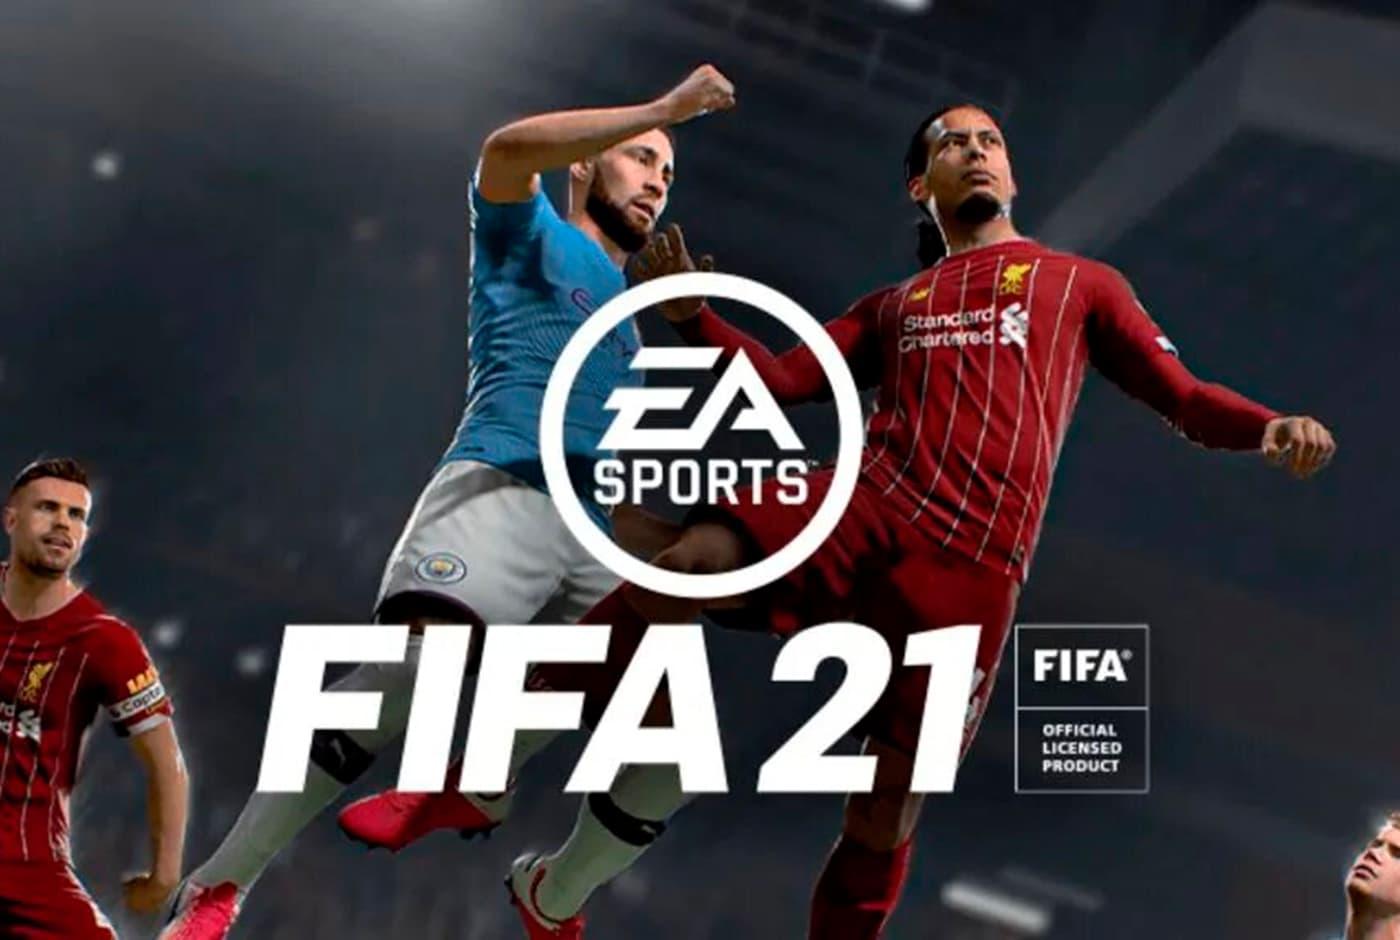 FIFA 21 vuelve a encabezar las listas de más vendidos del Reino Unido 5